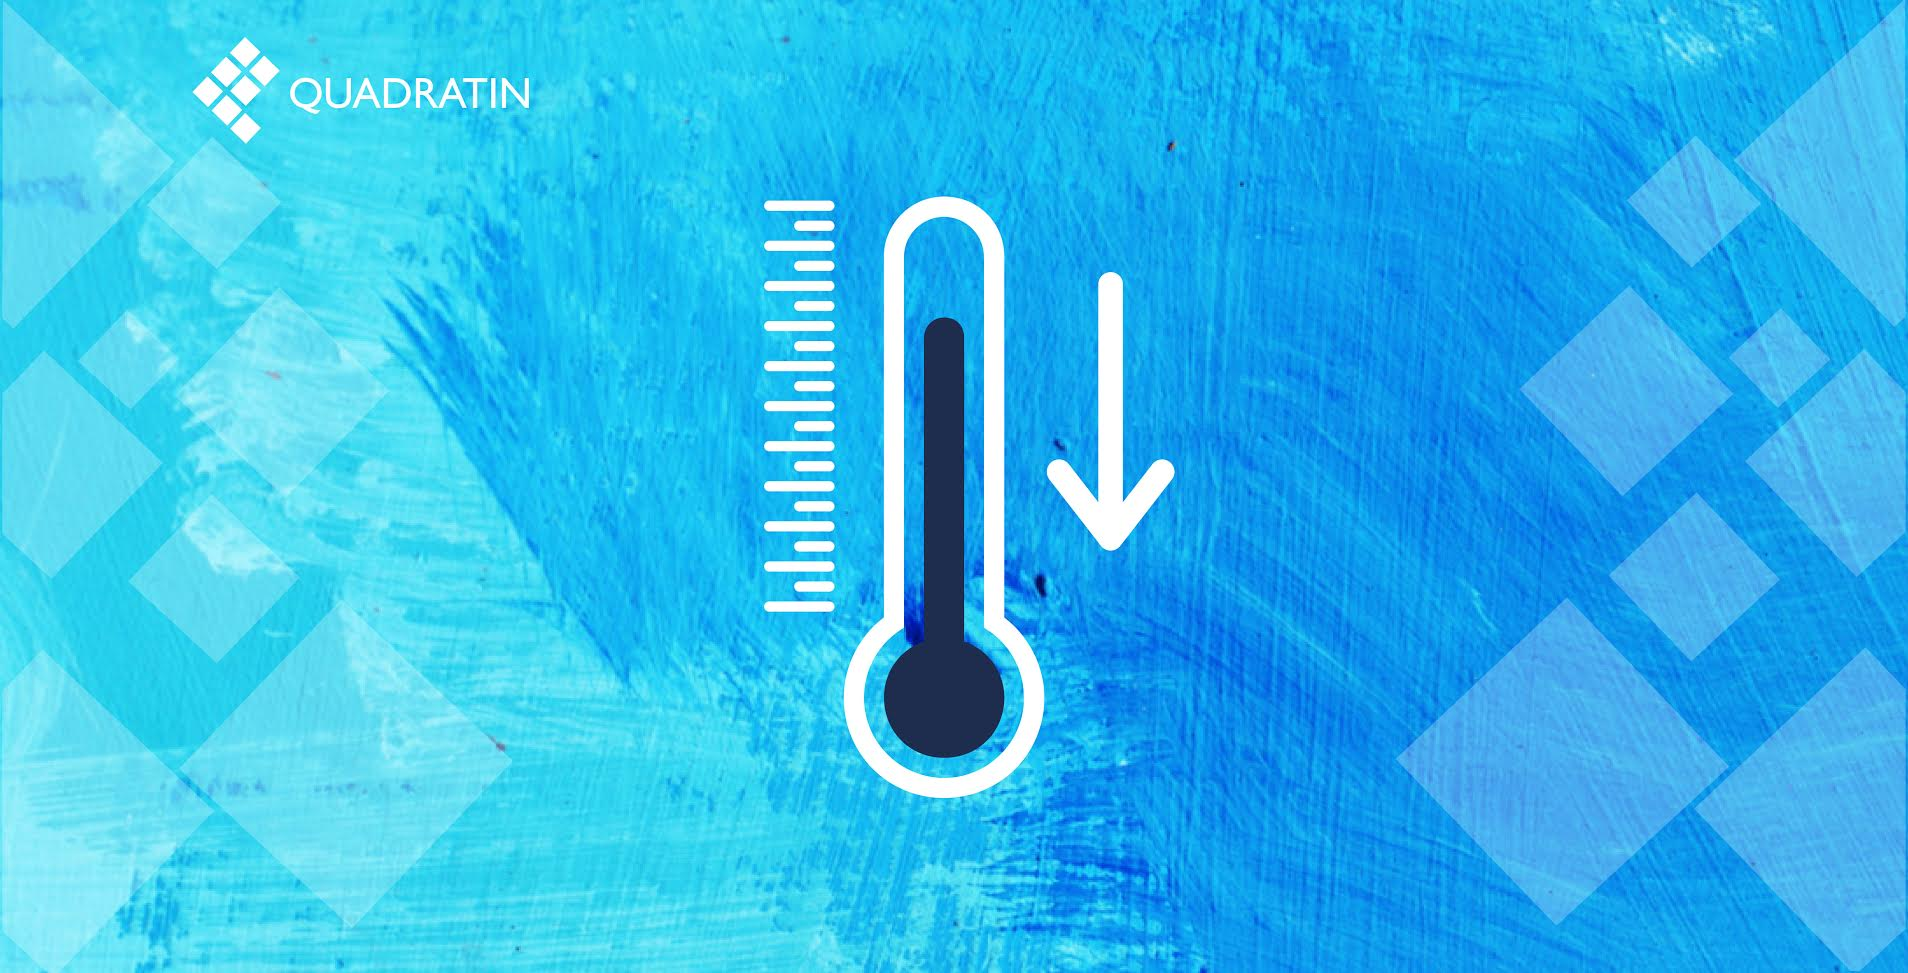 tormentas y bajas temperaturas causará el frente frío 6 quadratín